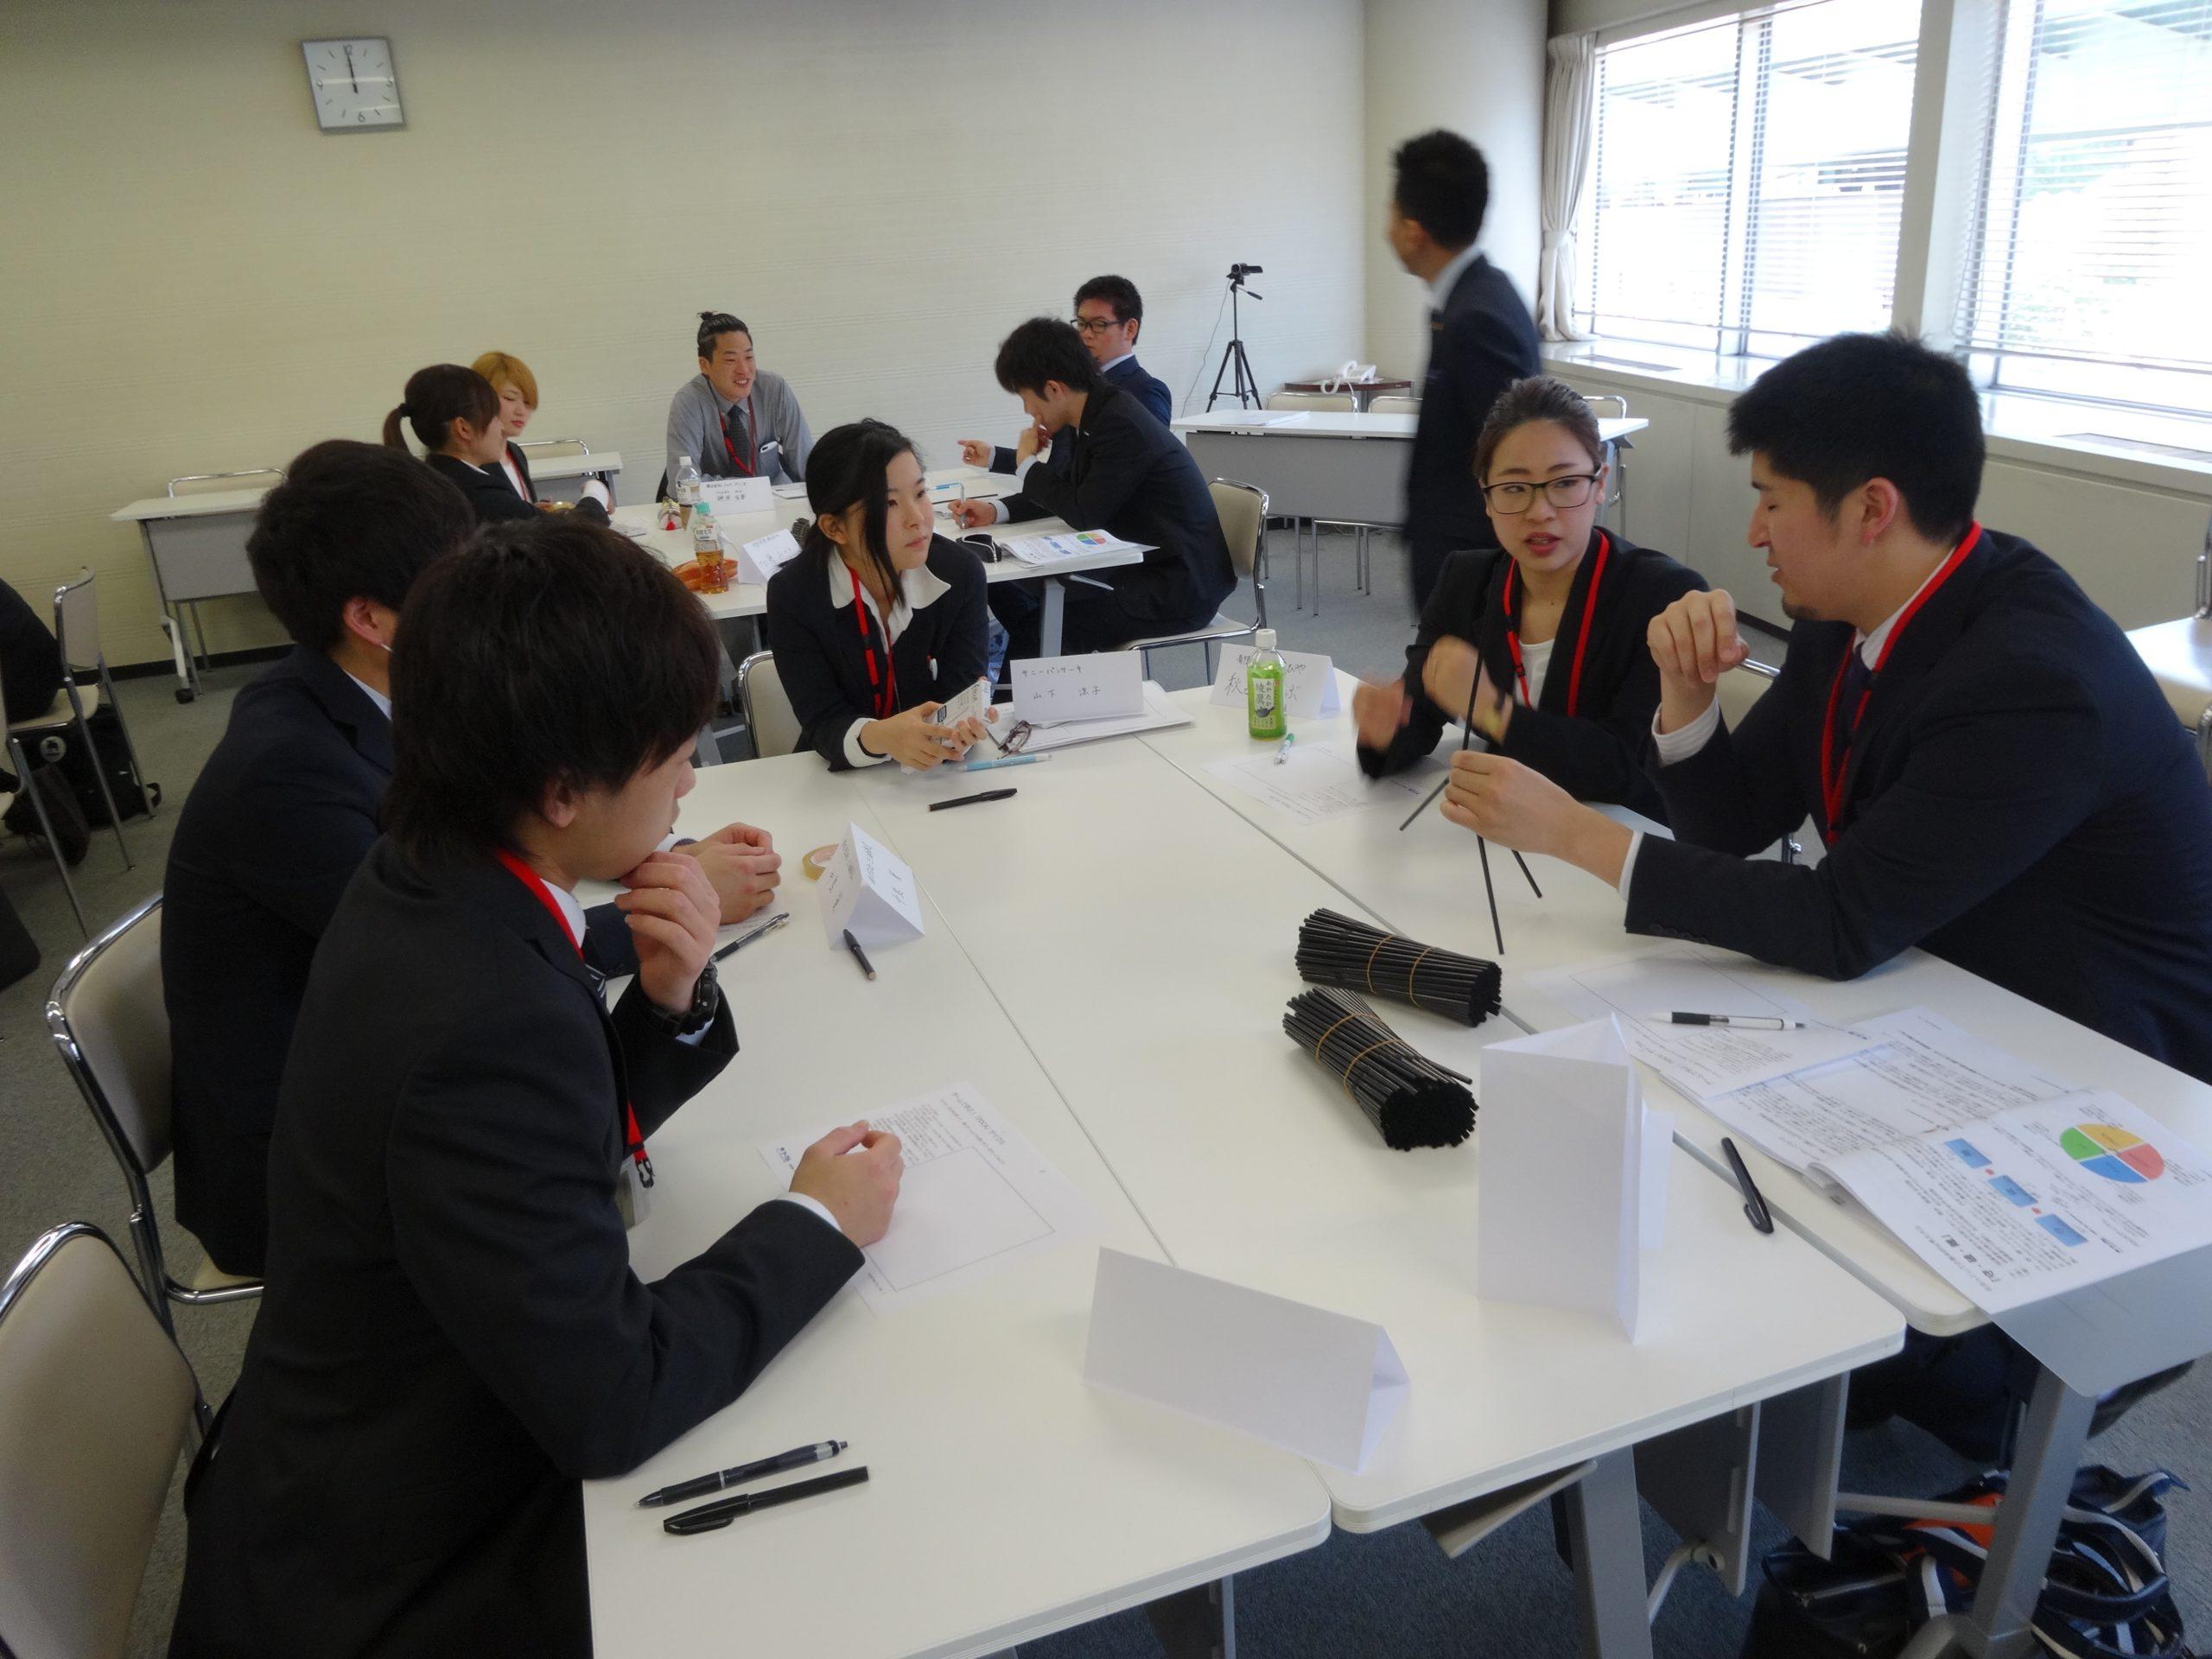 秋吉しのぶさんの研修風景。グループでストロータワーを組み立てるプログラムで話し合いの風景。